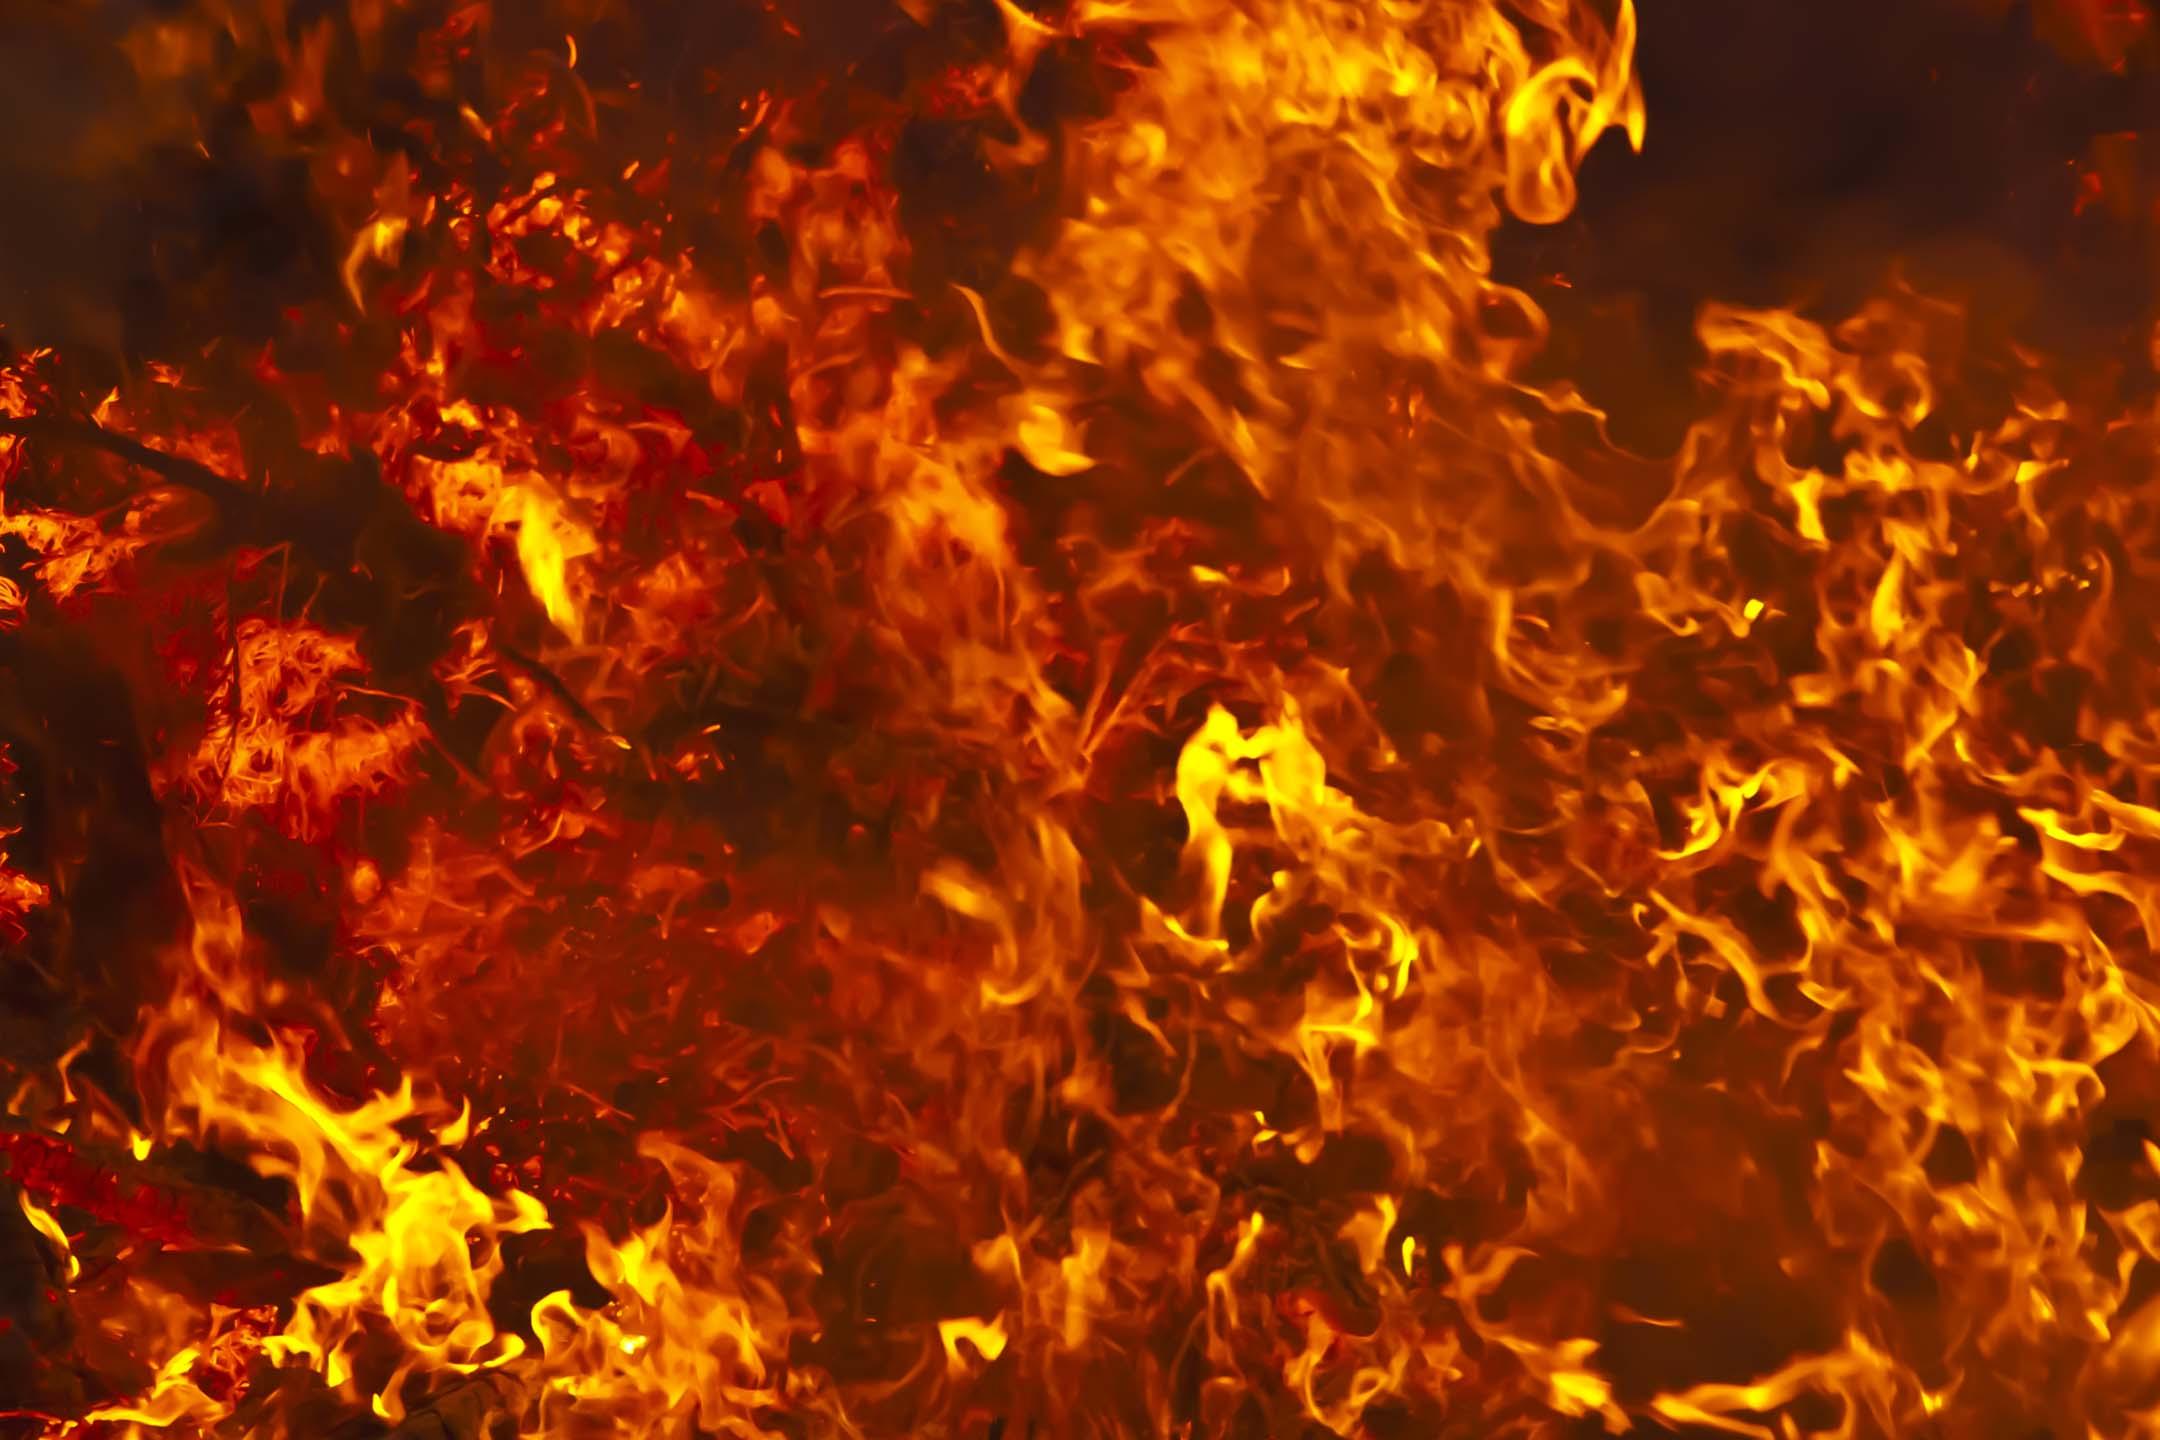 Rudolph-Schiesskino-Feuer